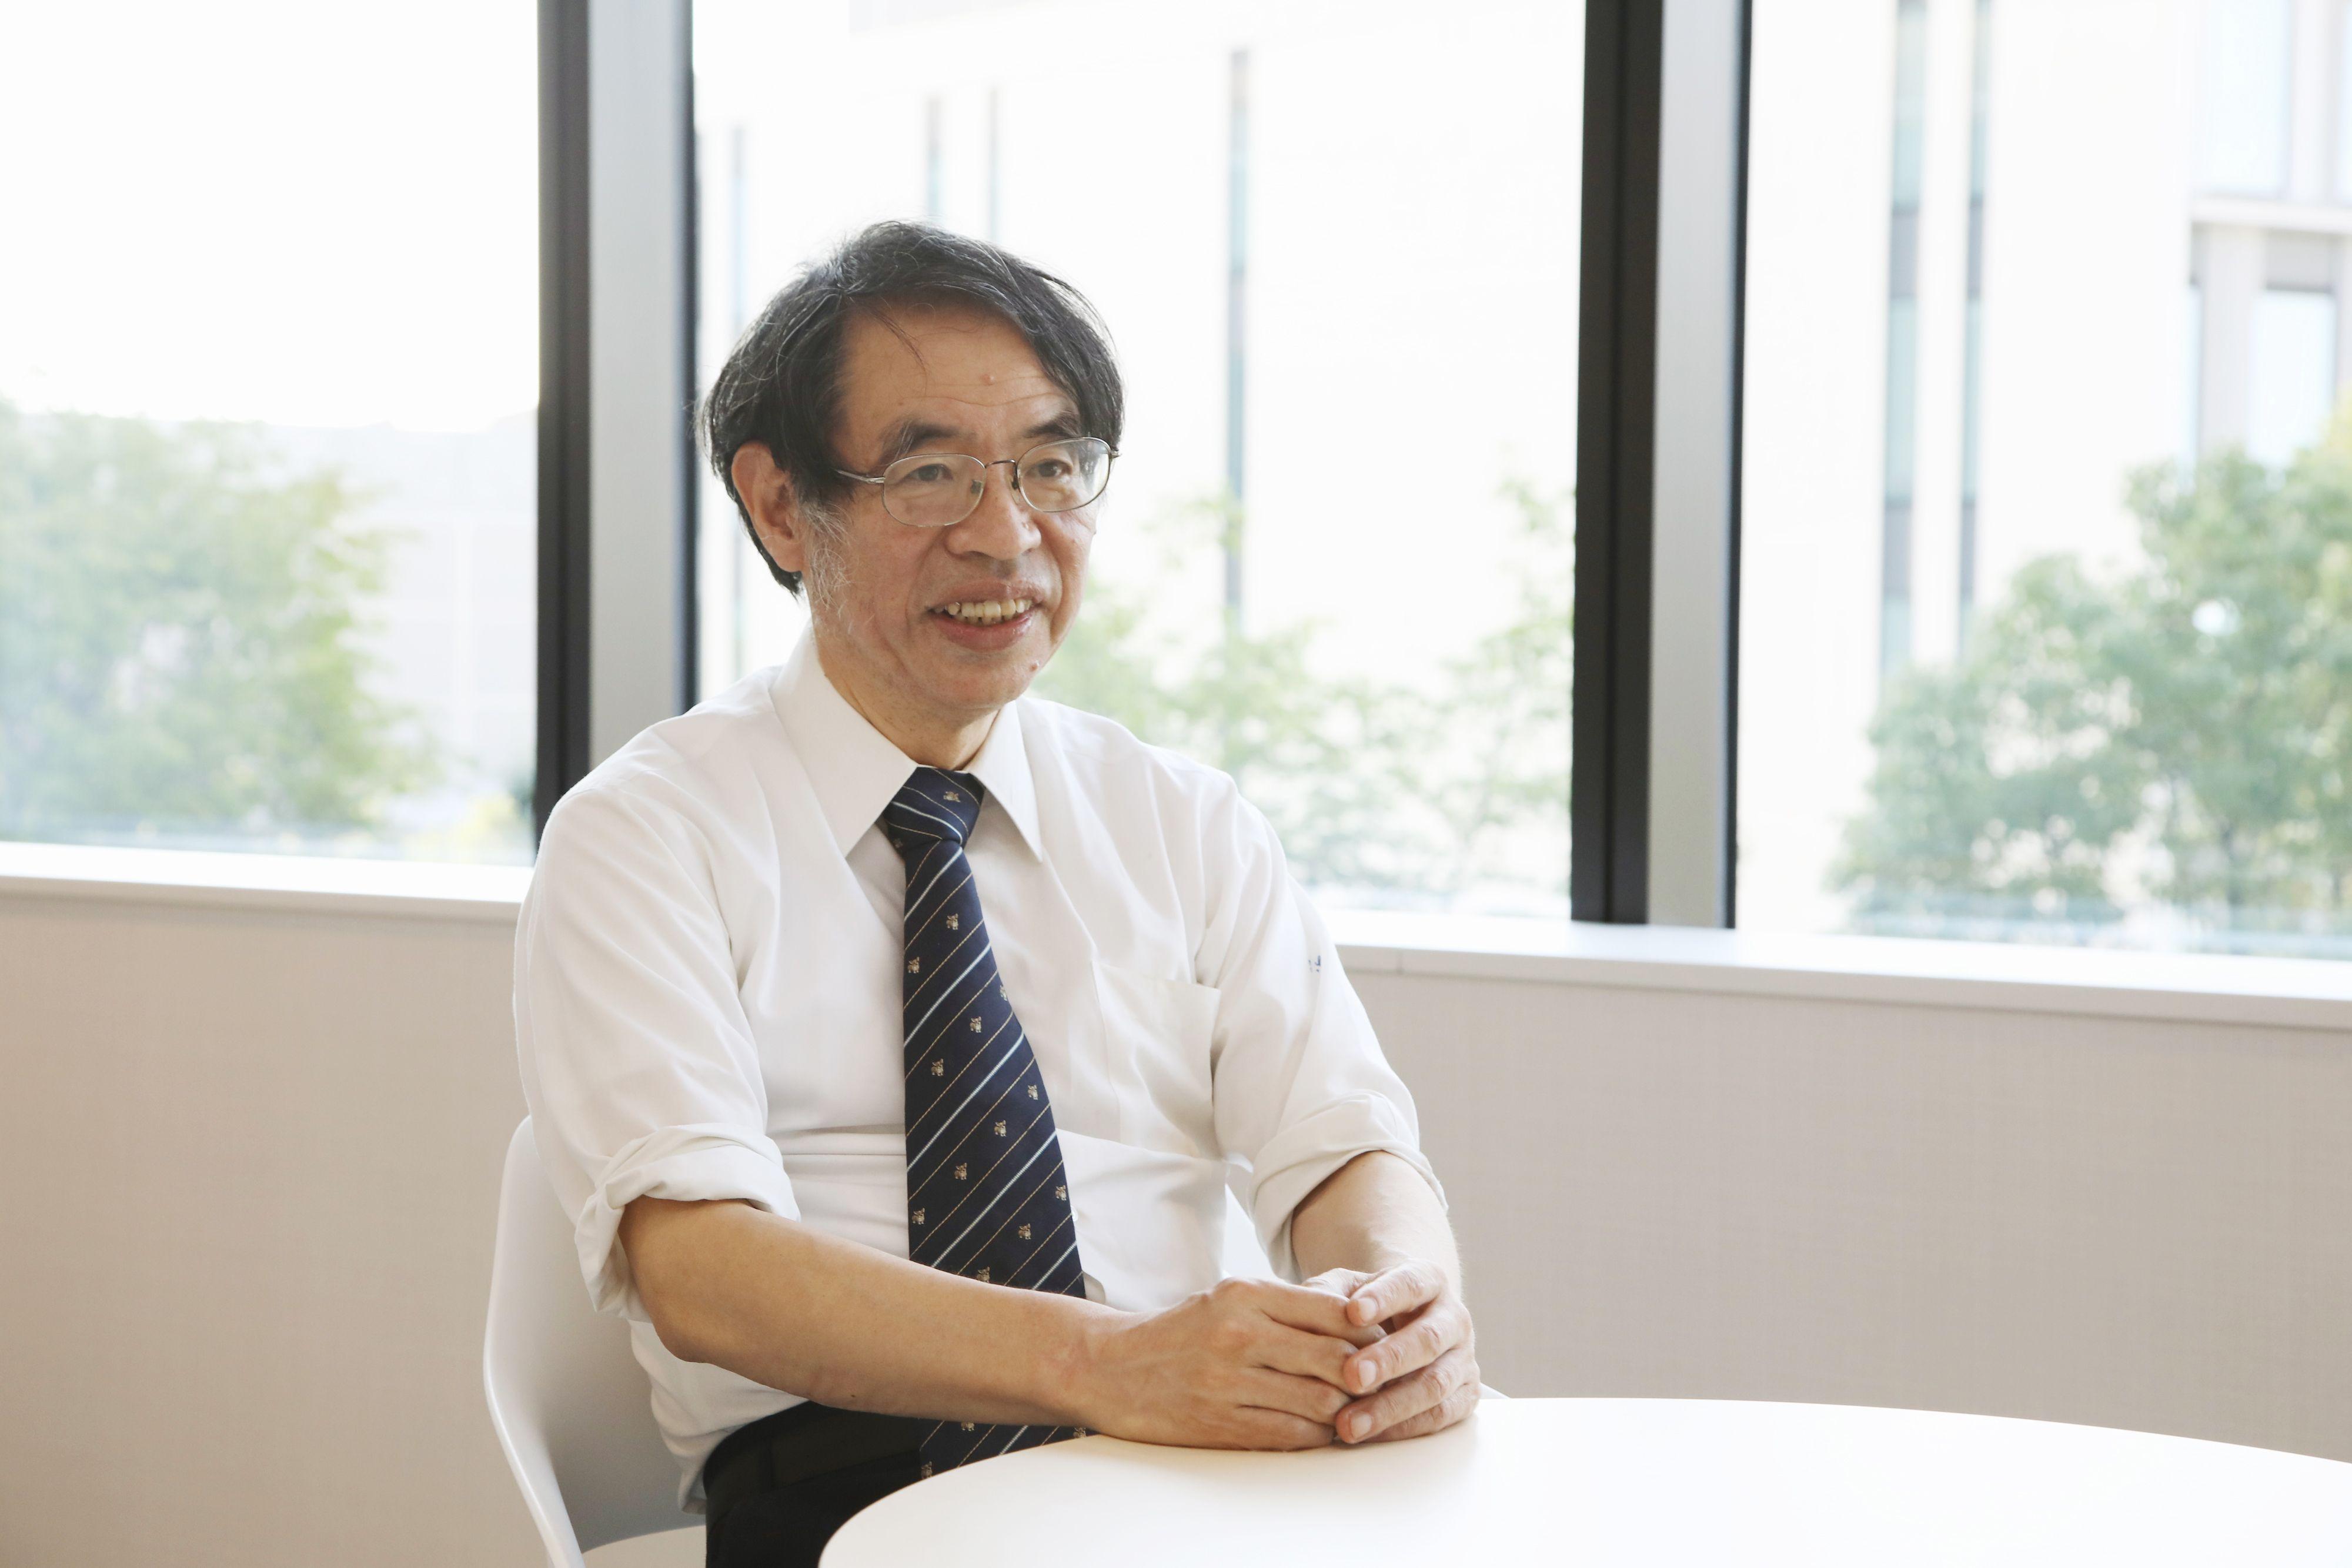 国際通信の研究者の大野哲弥さん